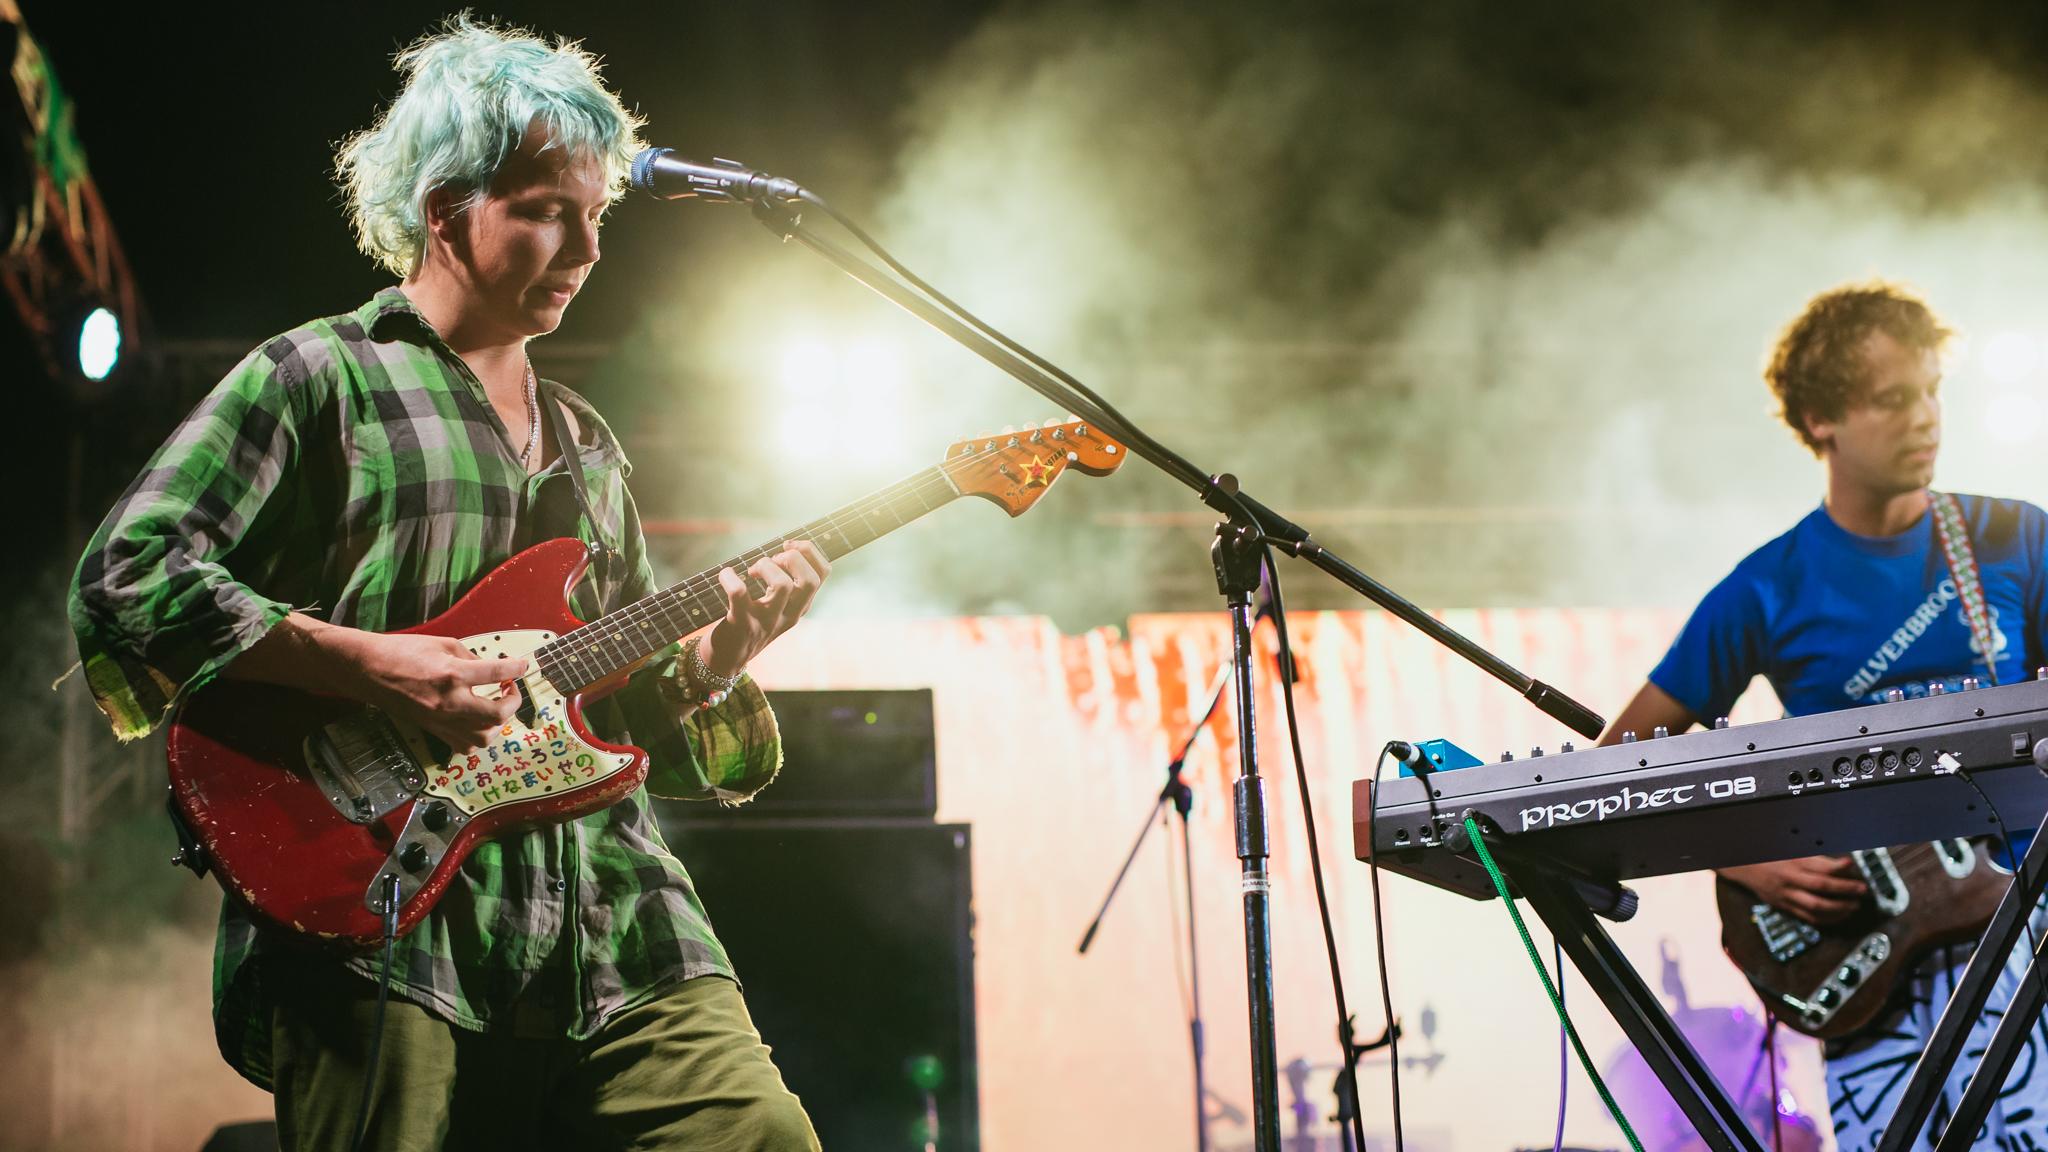 Mitch Lowe Photo - Gizzfest 2016 - Pond-5592.jpg